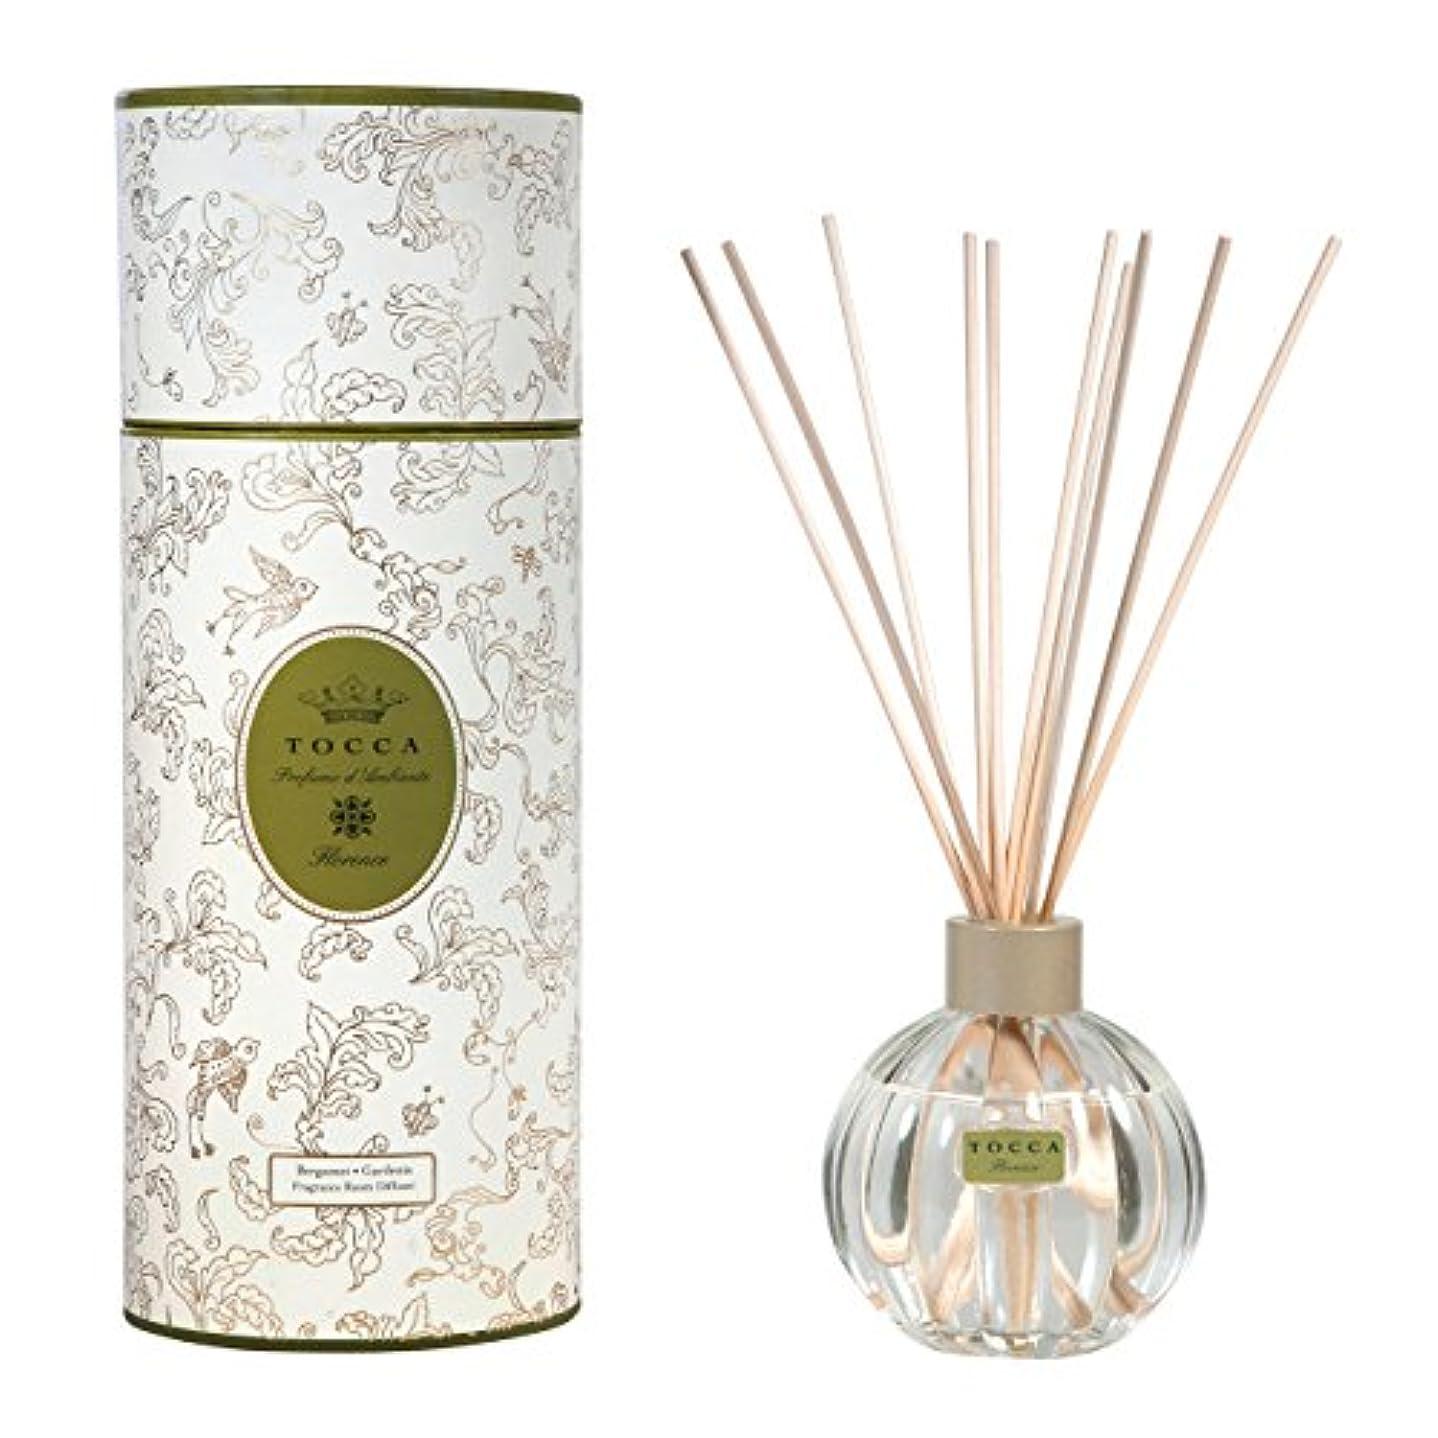 割るほんの驚きトッカ(TOCCA) リードディフューザー フローレンスの香り 175ml 3~4ヶ月持続(芳香剤 ルームフレグランス ガーデニアとベルガモットが誘うように溶け合うどこまでも上品なフローラルの香り)